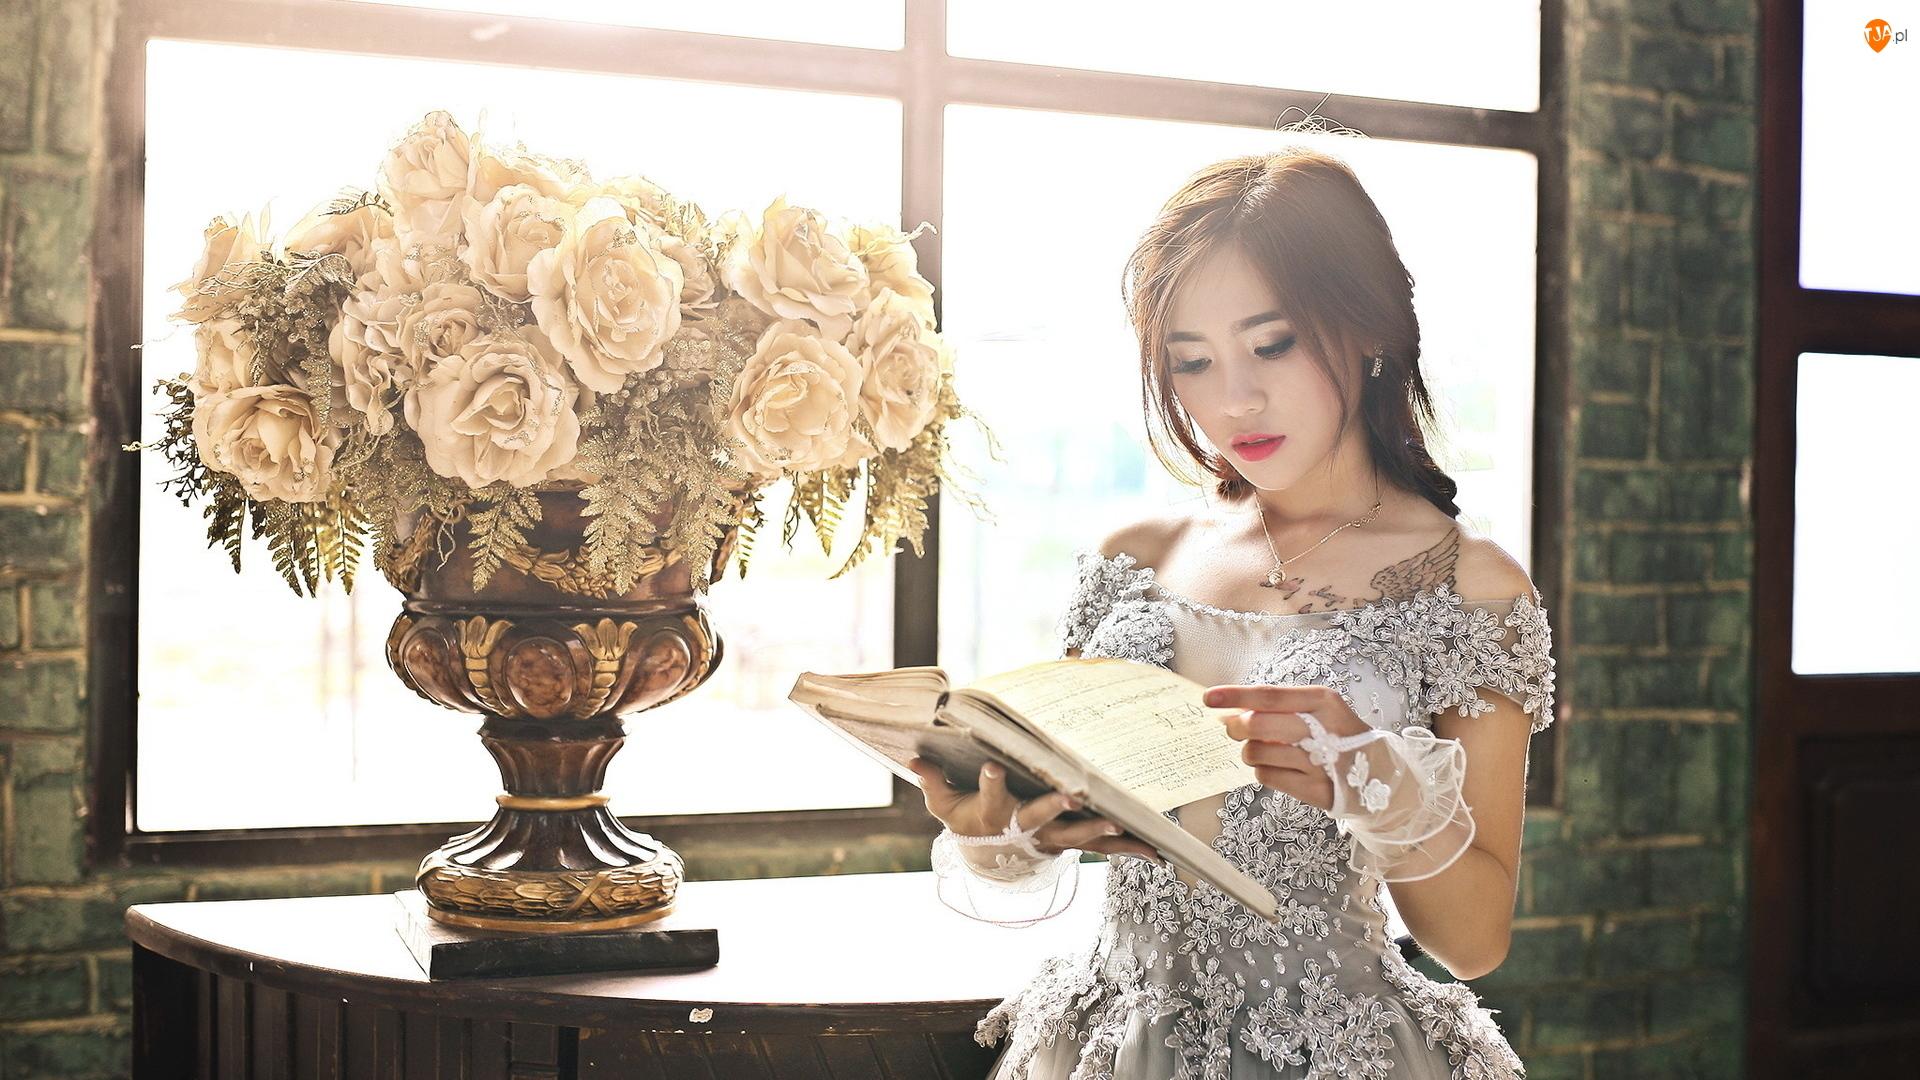 Kwiaty, Azjatka, Okno, Róże, Kobieta, Bukiet, Wazon, Książka